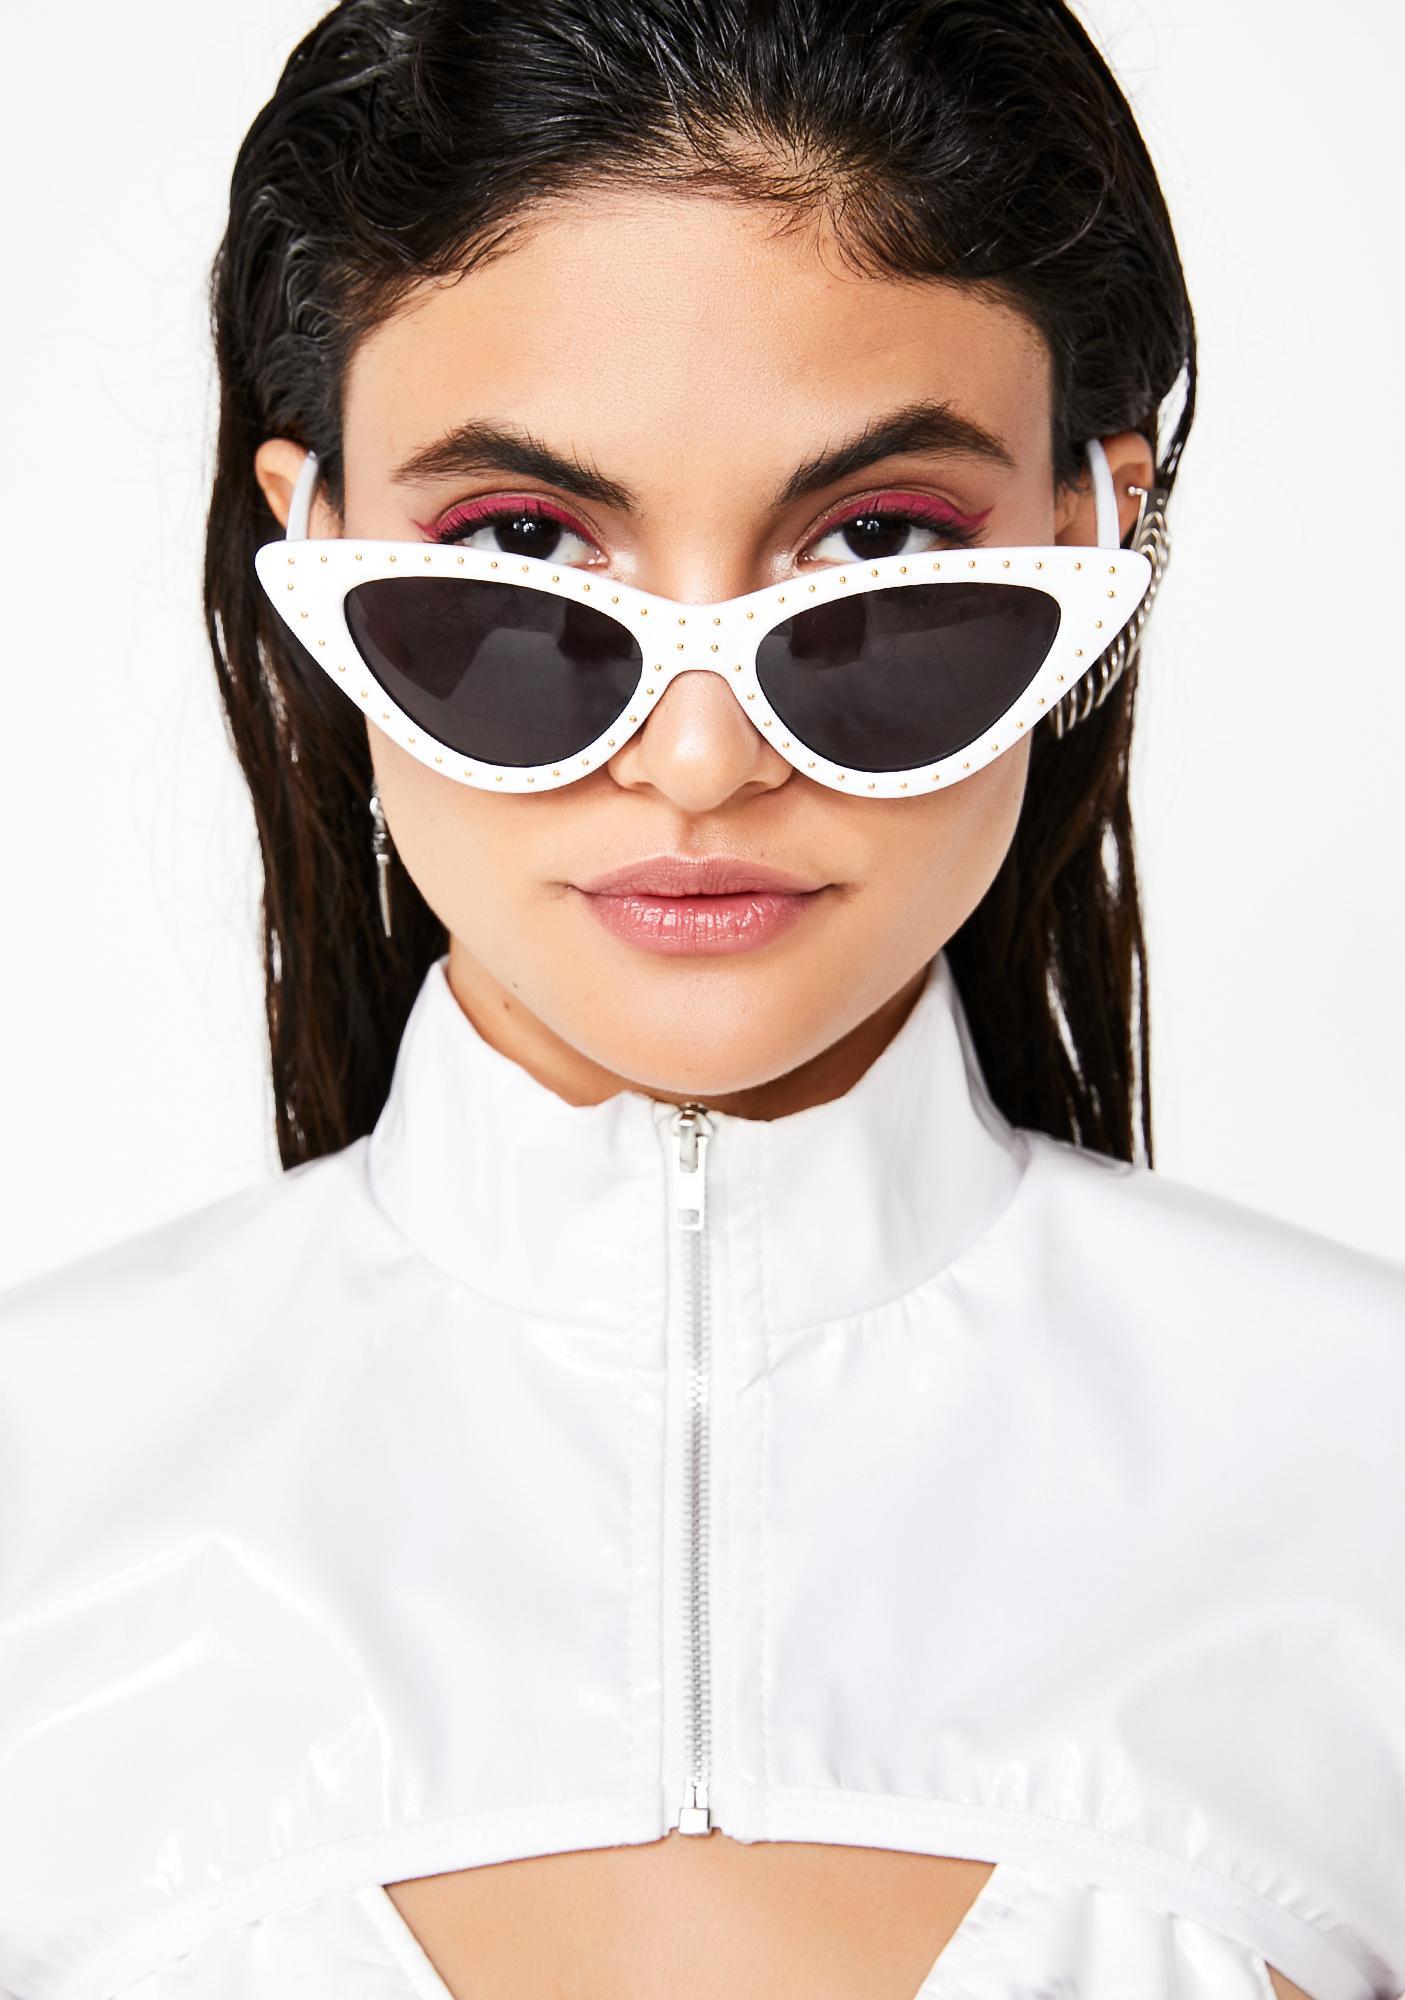 Purely Vibin' On Ya Sunglasses